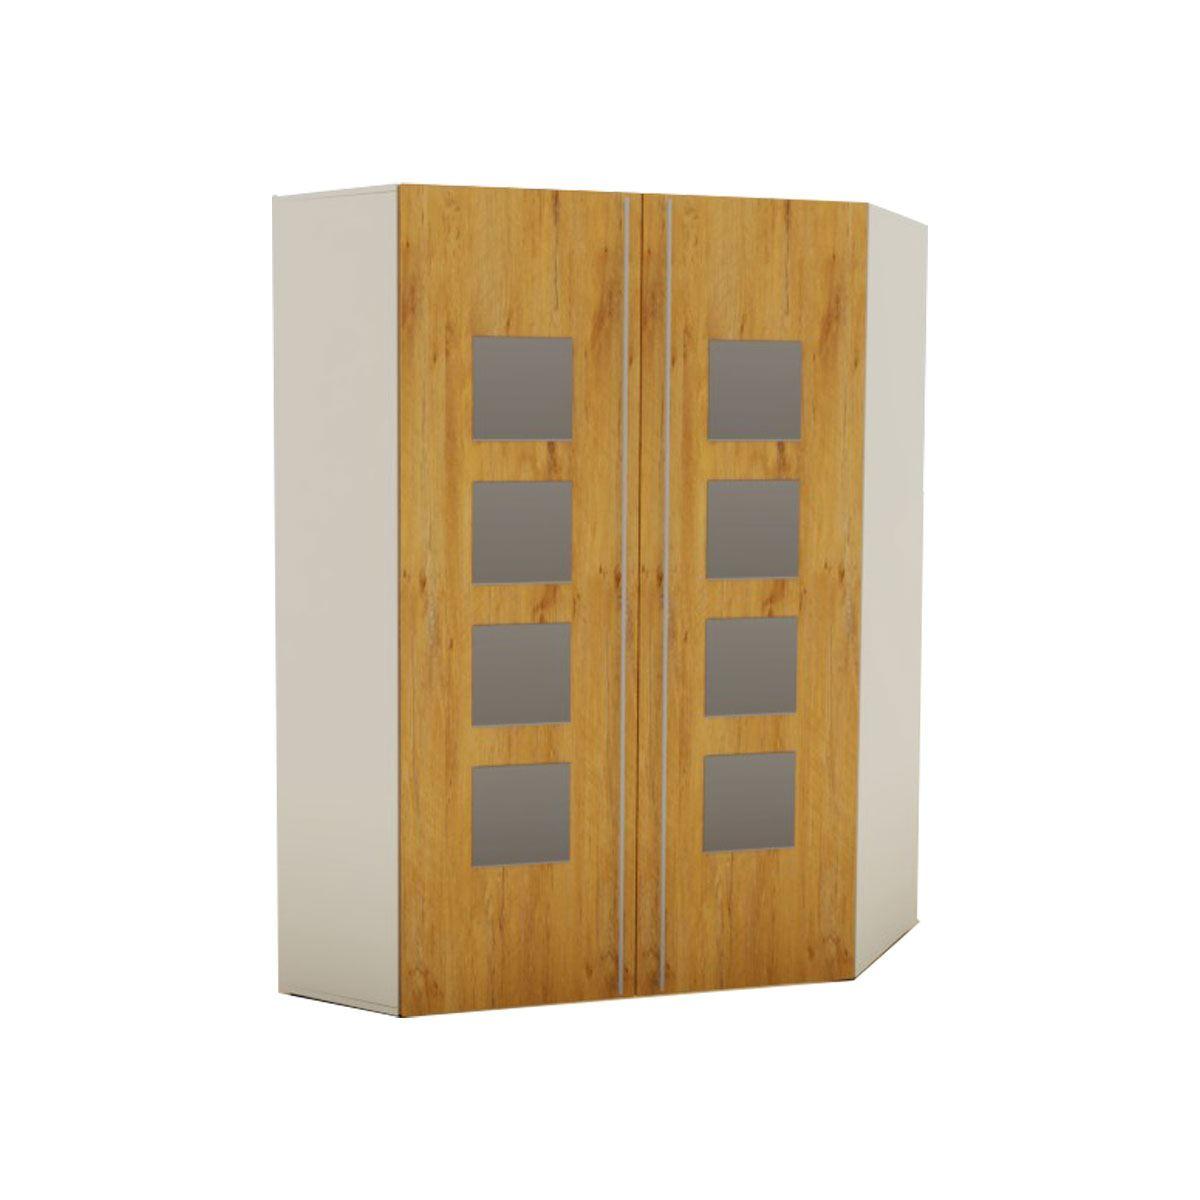 rudolf m bel fiftytwo eckkleiderschrank xxl guenstiger kaufen bei. Black Bedroom Furniture Sets. Home Design Ideas